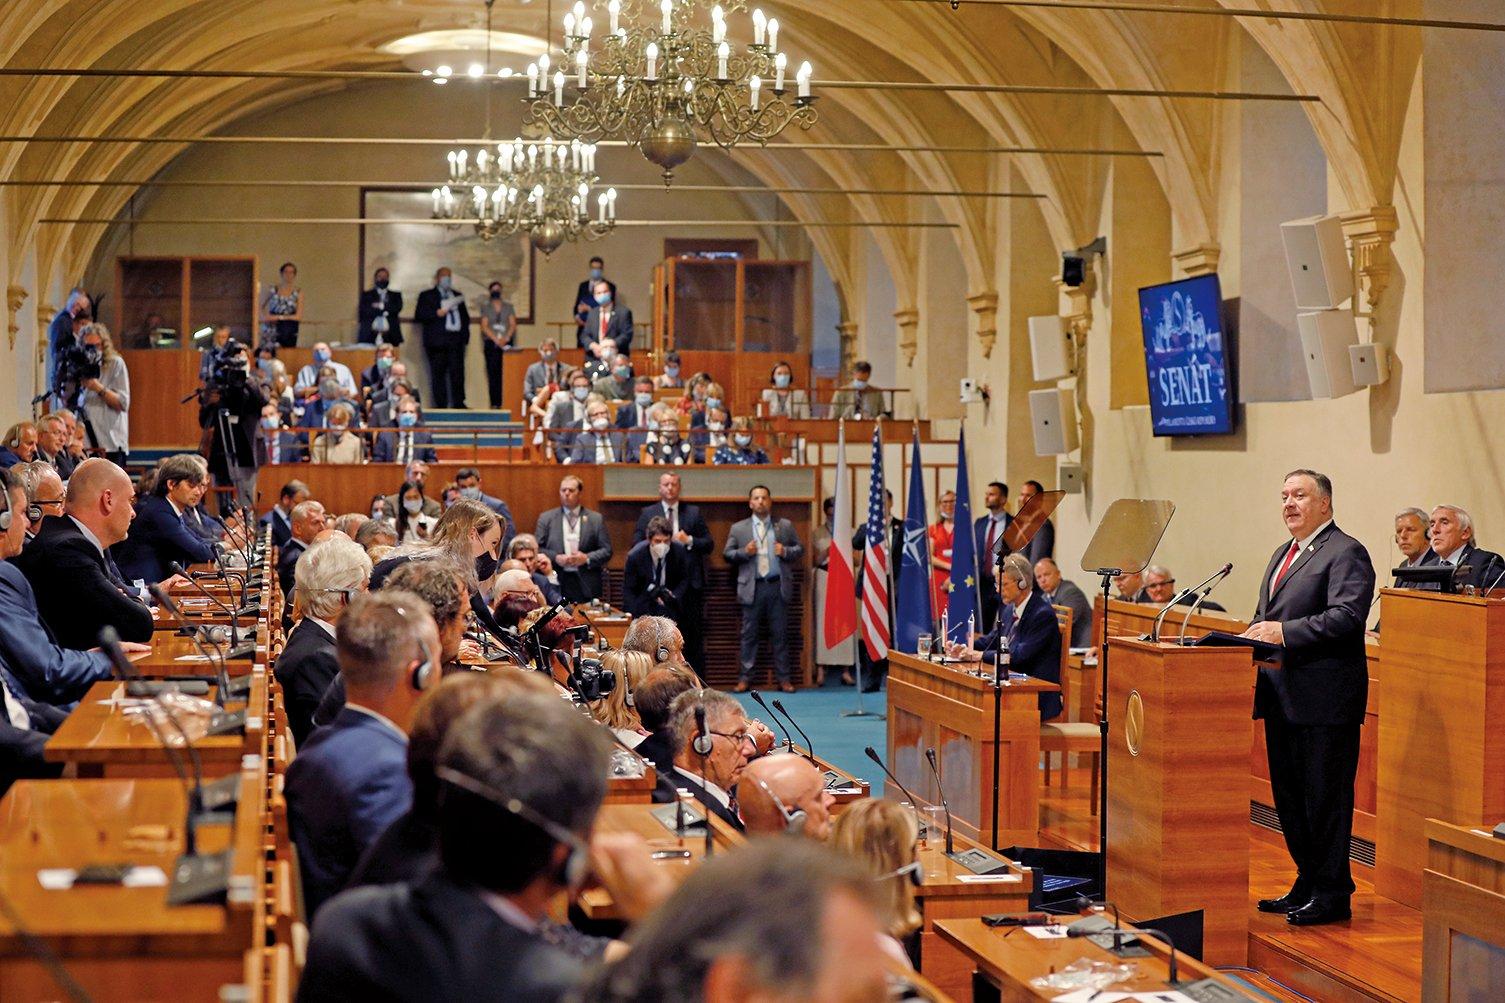 圖為美國國務卿蓬佩奧8月12日在捷克首都布拉格發表講話。(Getty Images)